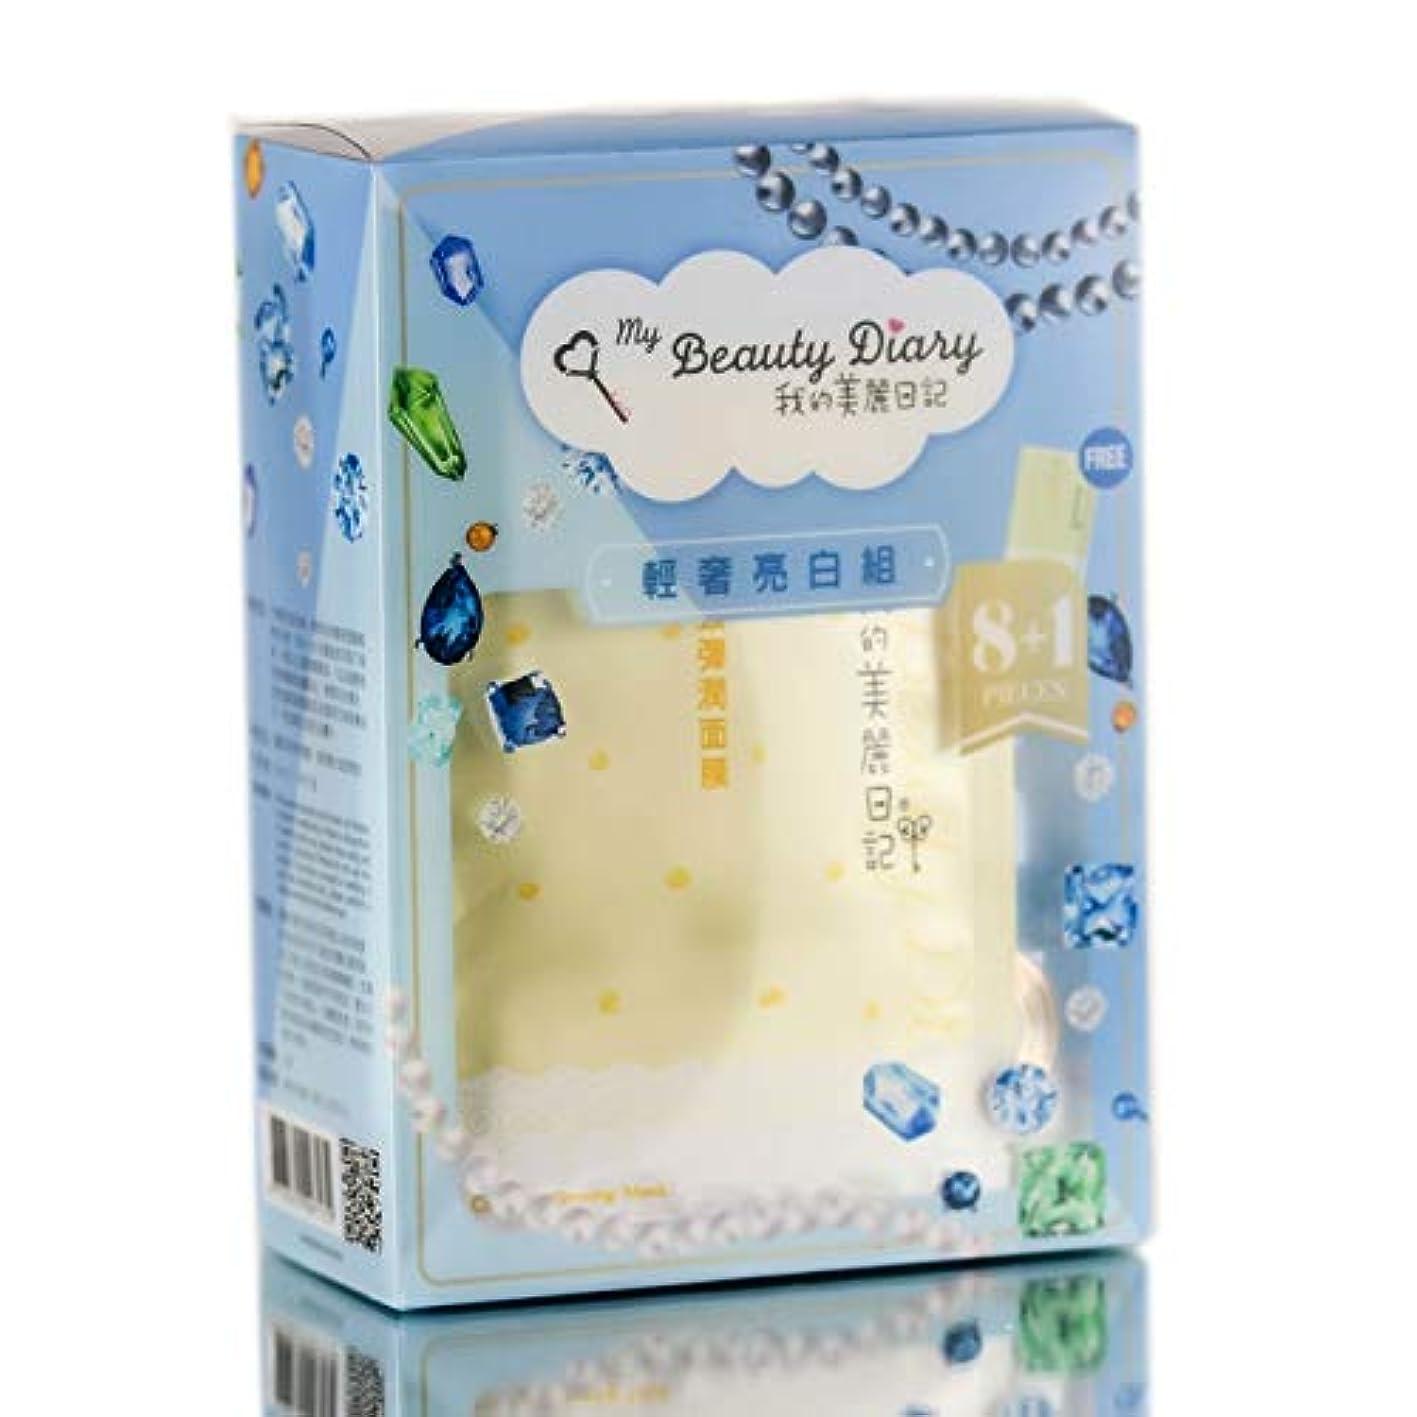 My Beauty Diary オールインワン81セット-Optionオールインワン